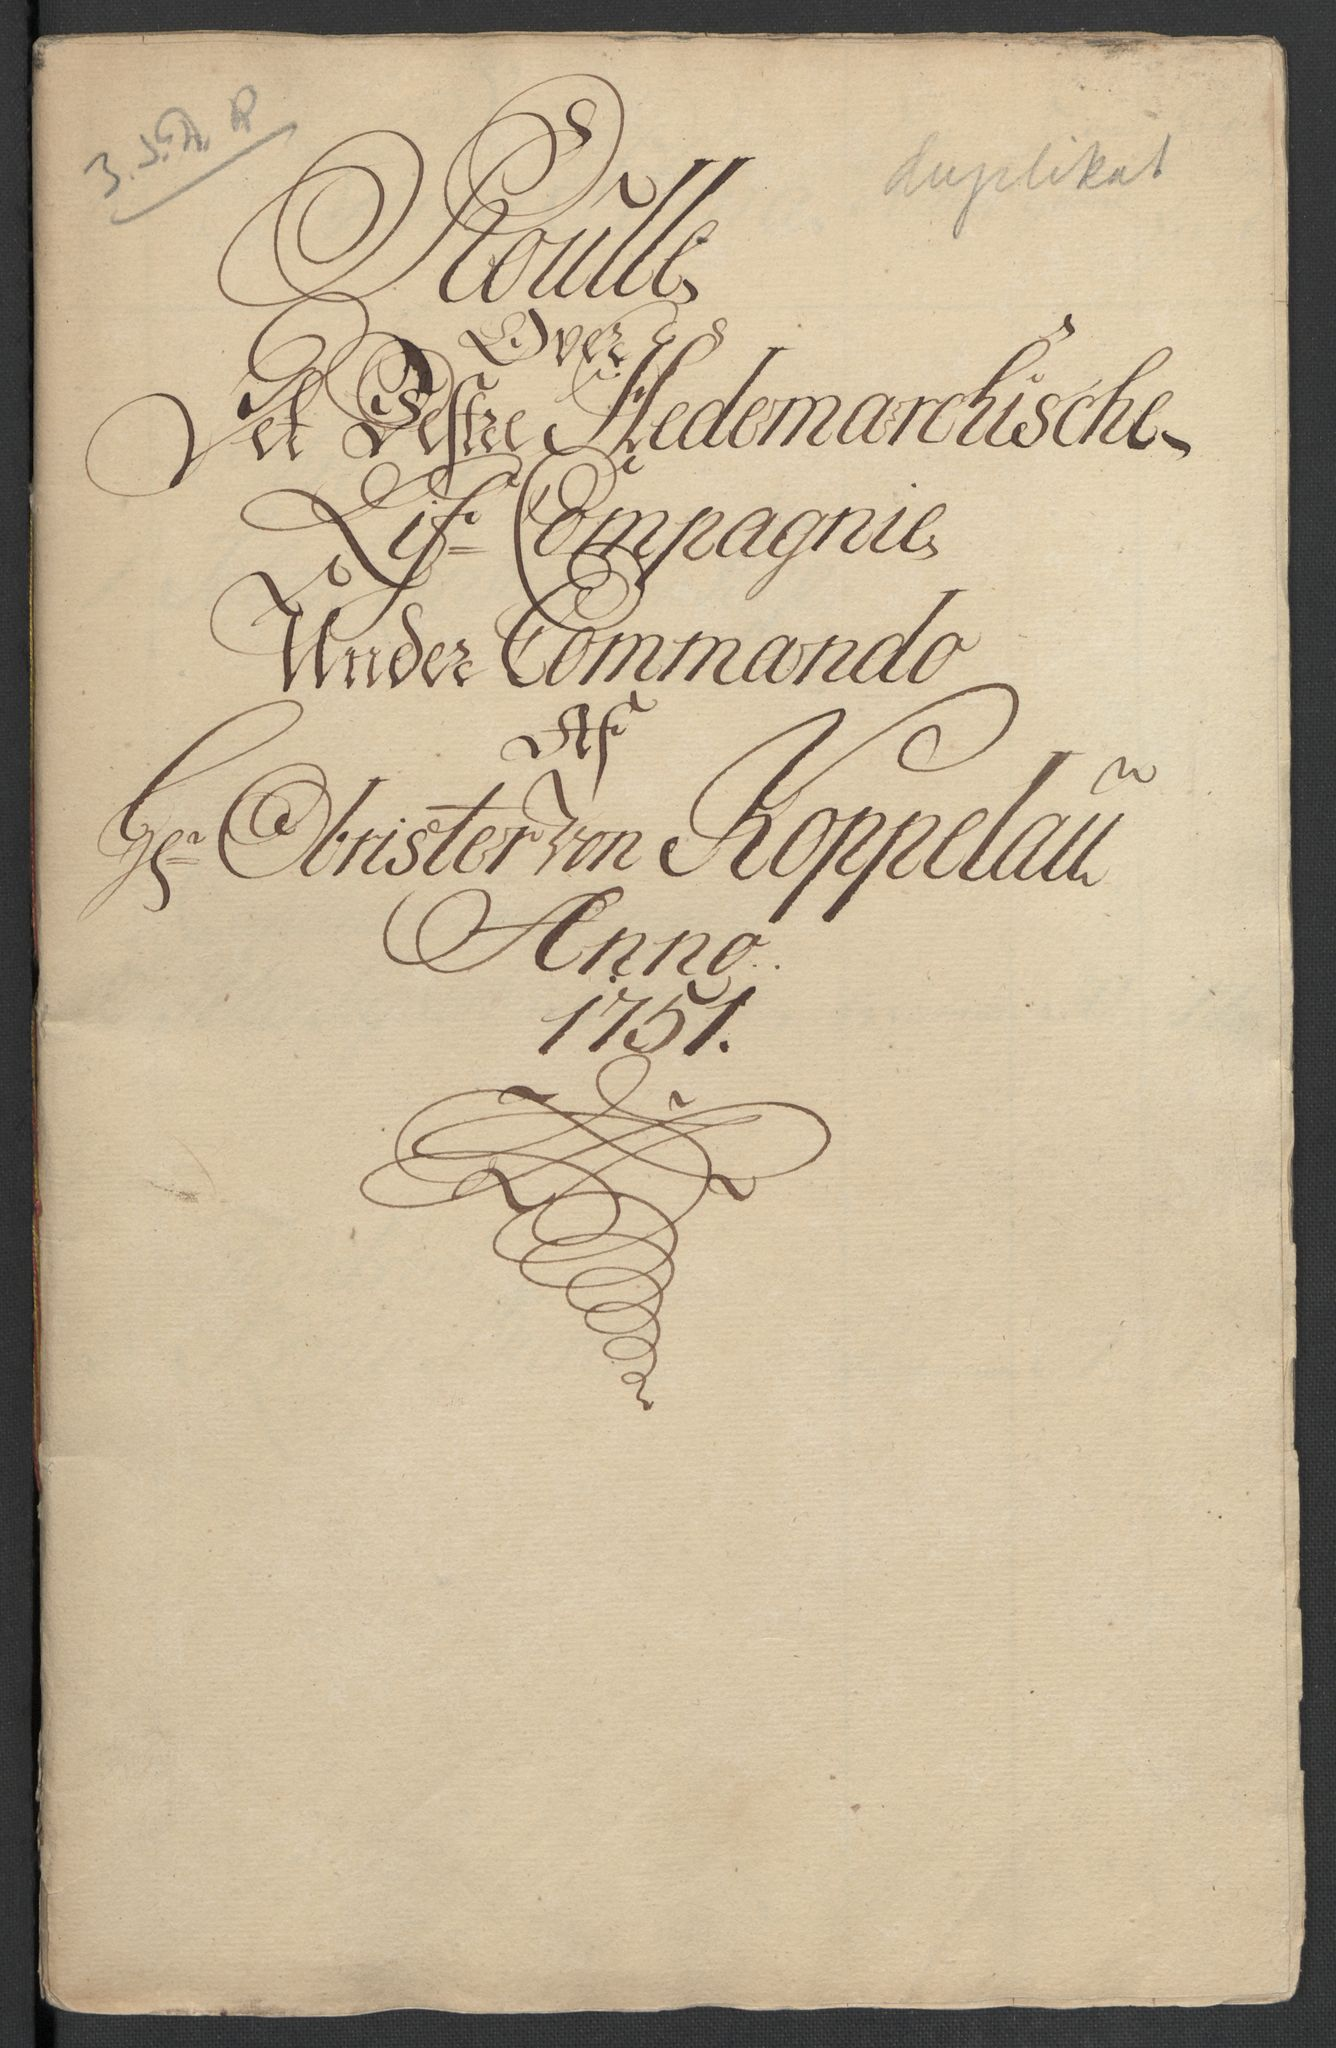 RA, Kommanderende general (KG I) med Det norske krigsdirektorium, E/Ea/L0479: 3. Sønnafjelske dragonregiment, 1756-1760, s. 500